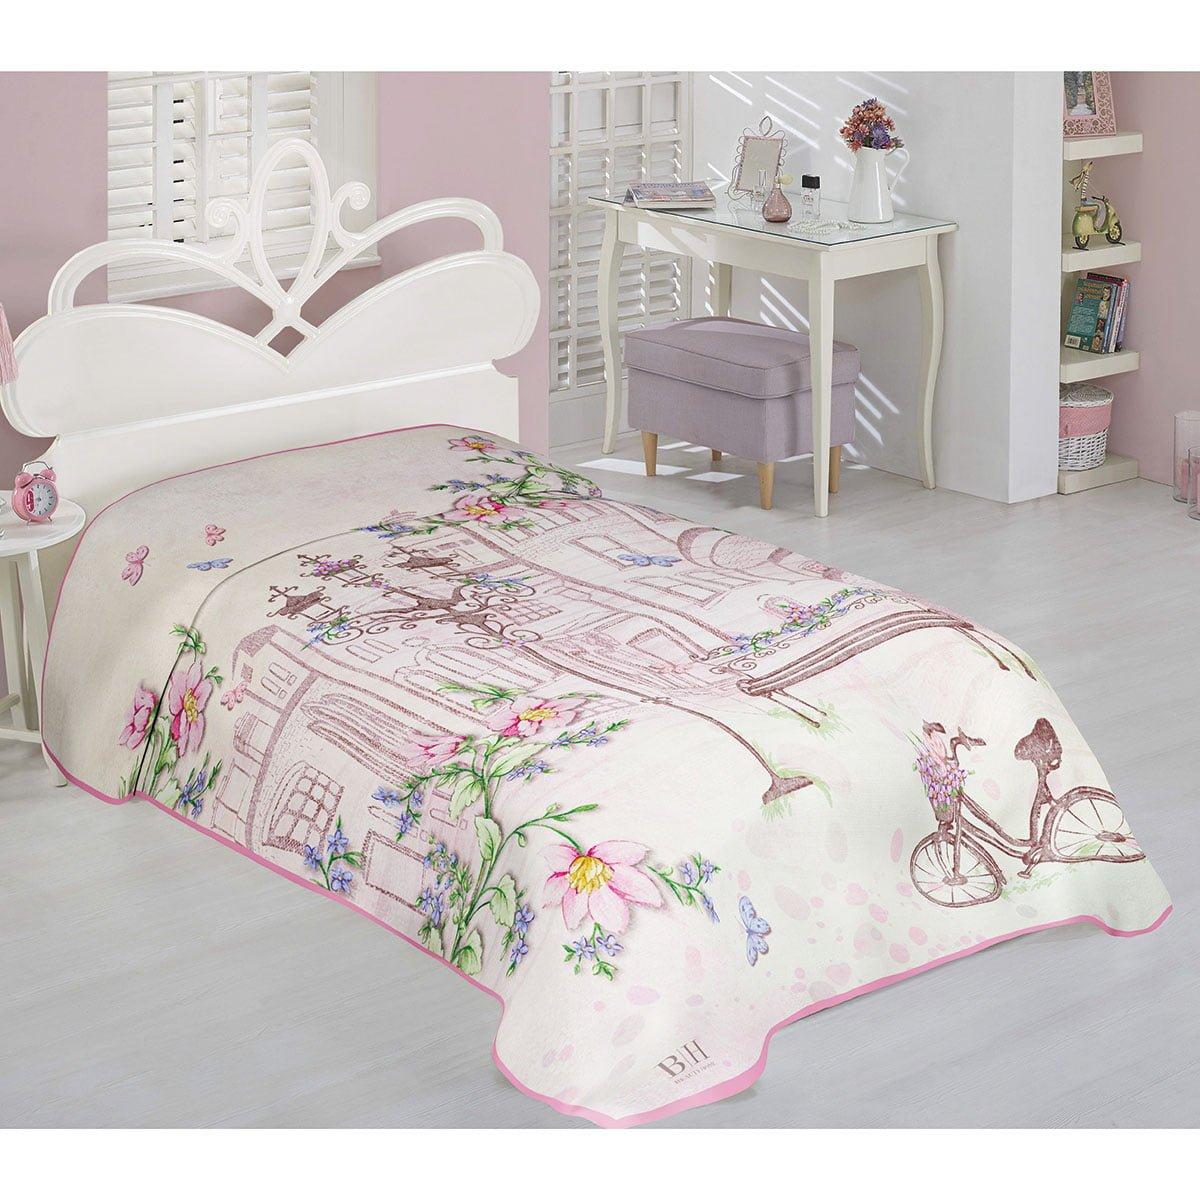 Κουβέρτα μονή Art 6107  160x220  Εμπριμέ Beauty Home